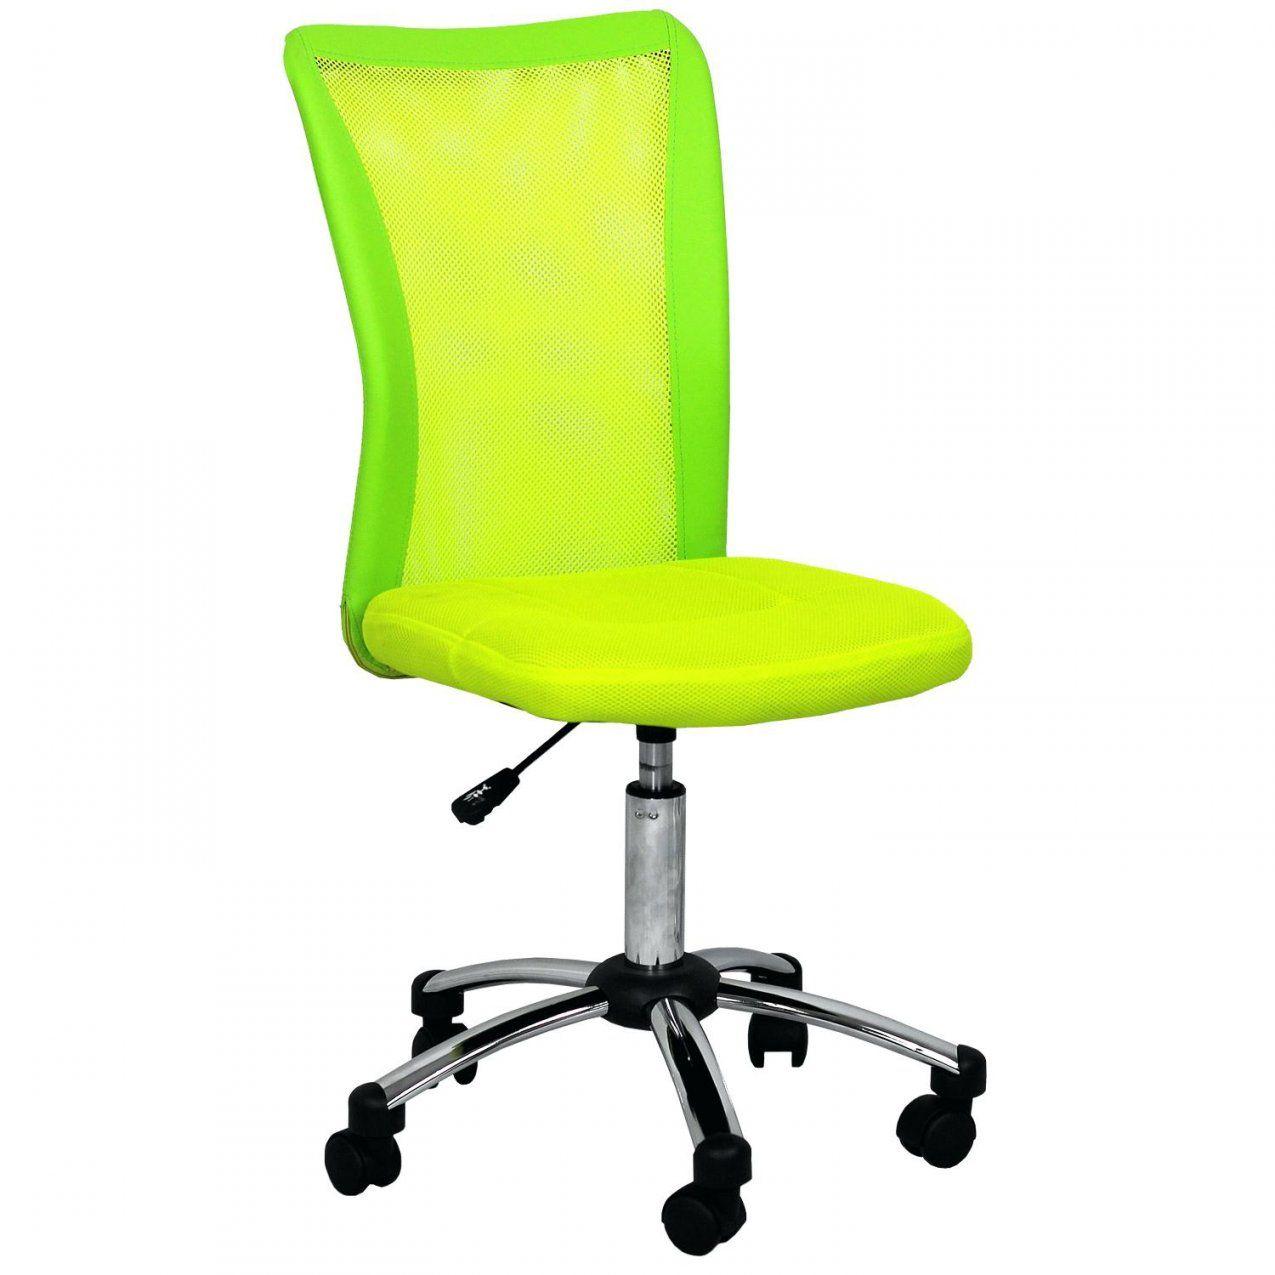 Schreibtischstuhl Kind Ba 1 4 Rostuhl Kinderstuhl Groa von Schreibtischstuhl Ohne Rollen Ikea Bild